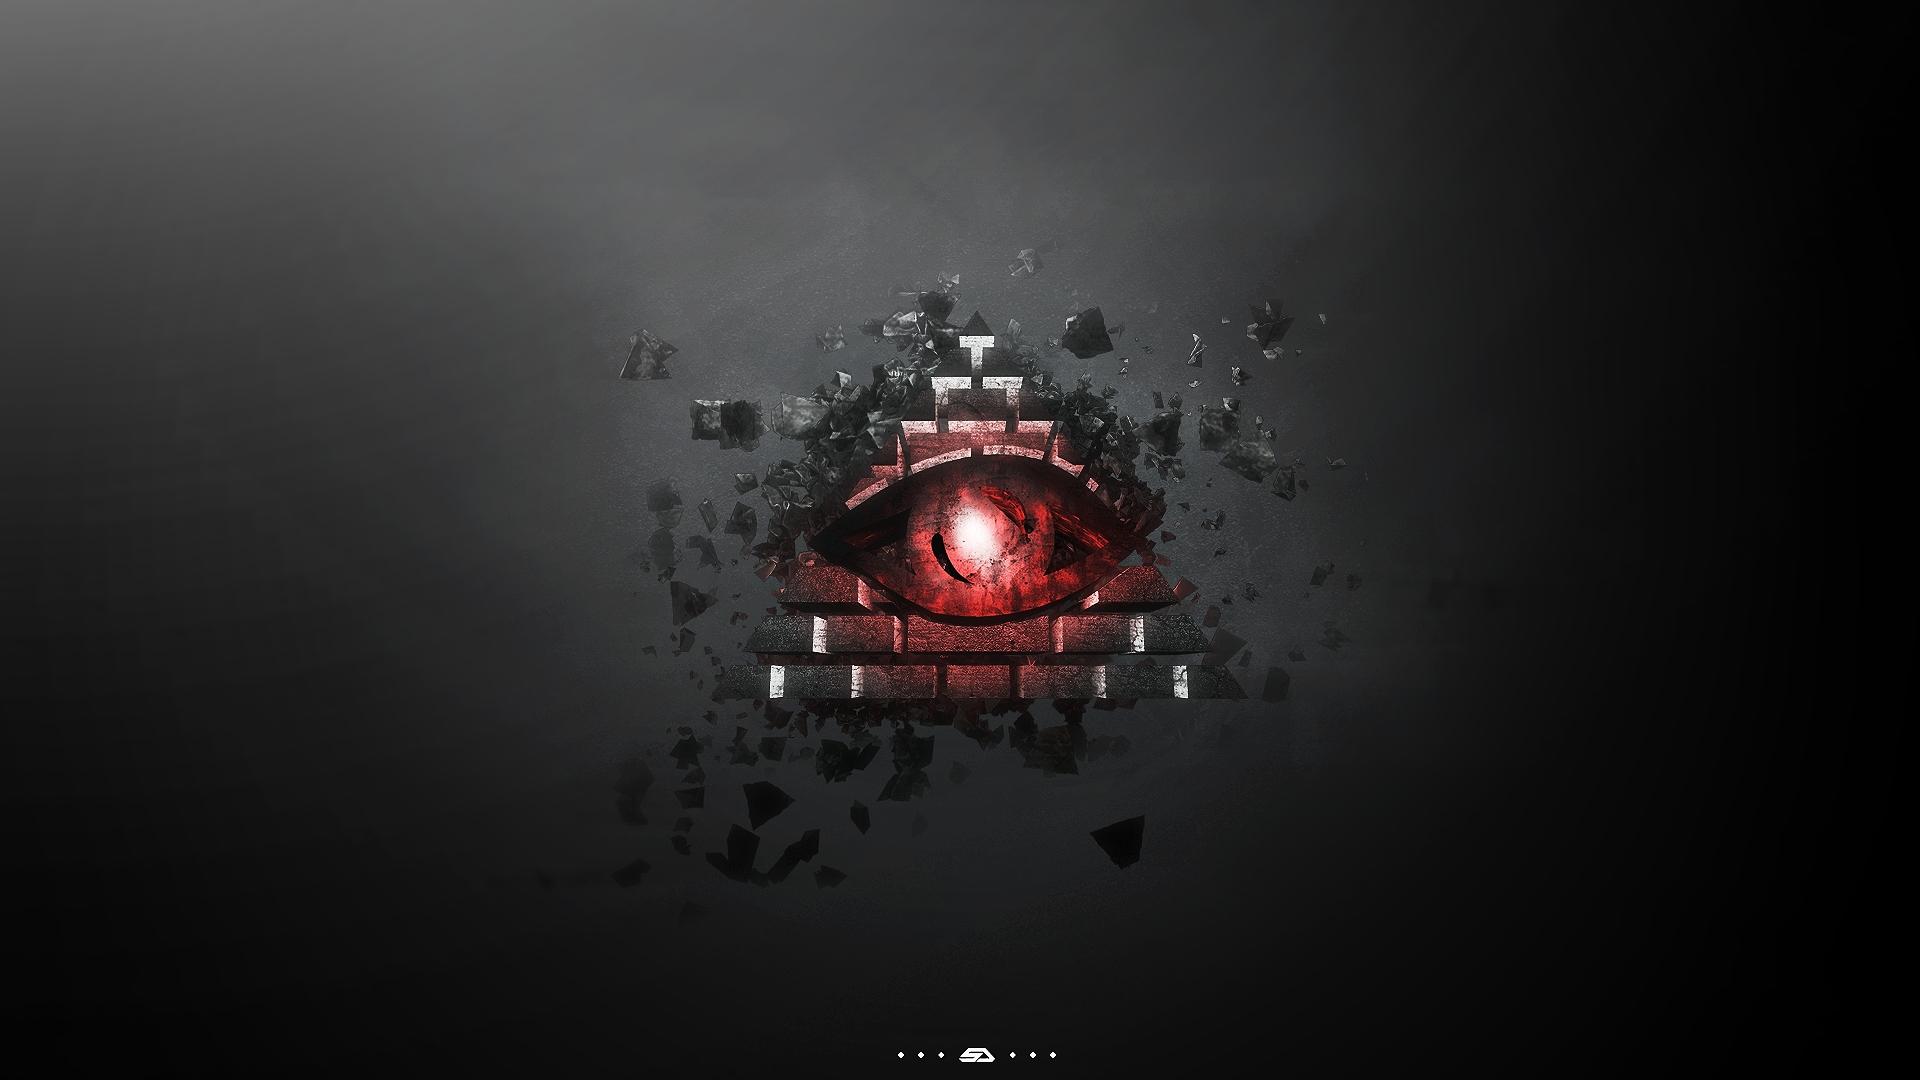 Gravity Falls Wallpapers Hd 1080p Illuminati Wallpaper Hd Pixelstalk Net